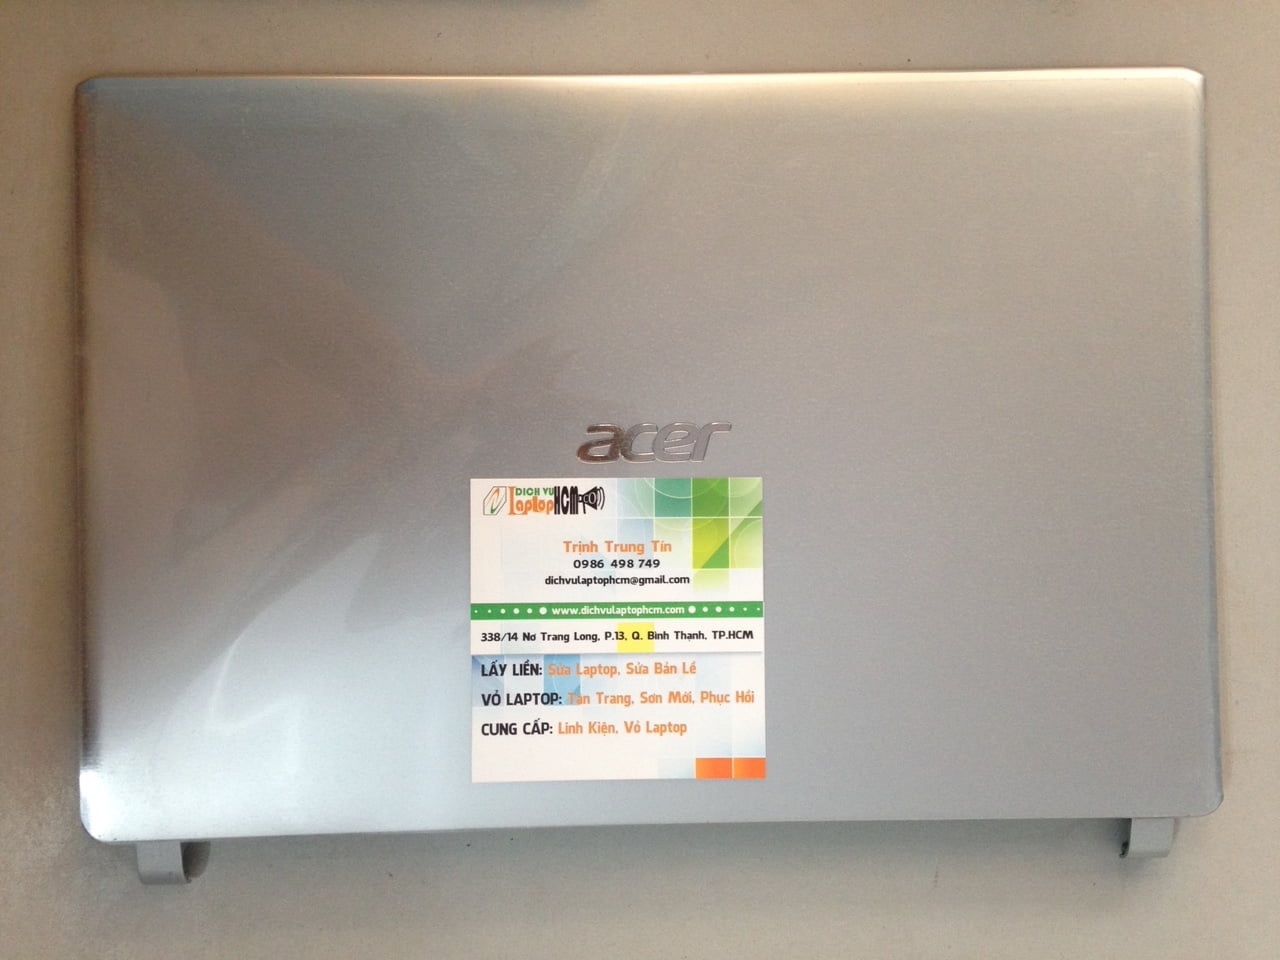 Acer Aspire V5-471-a